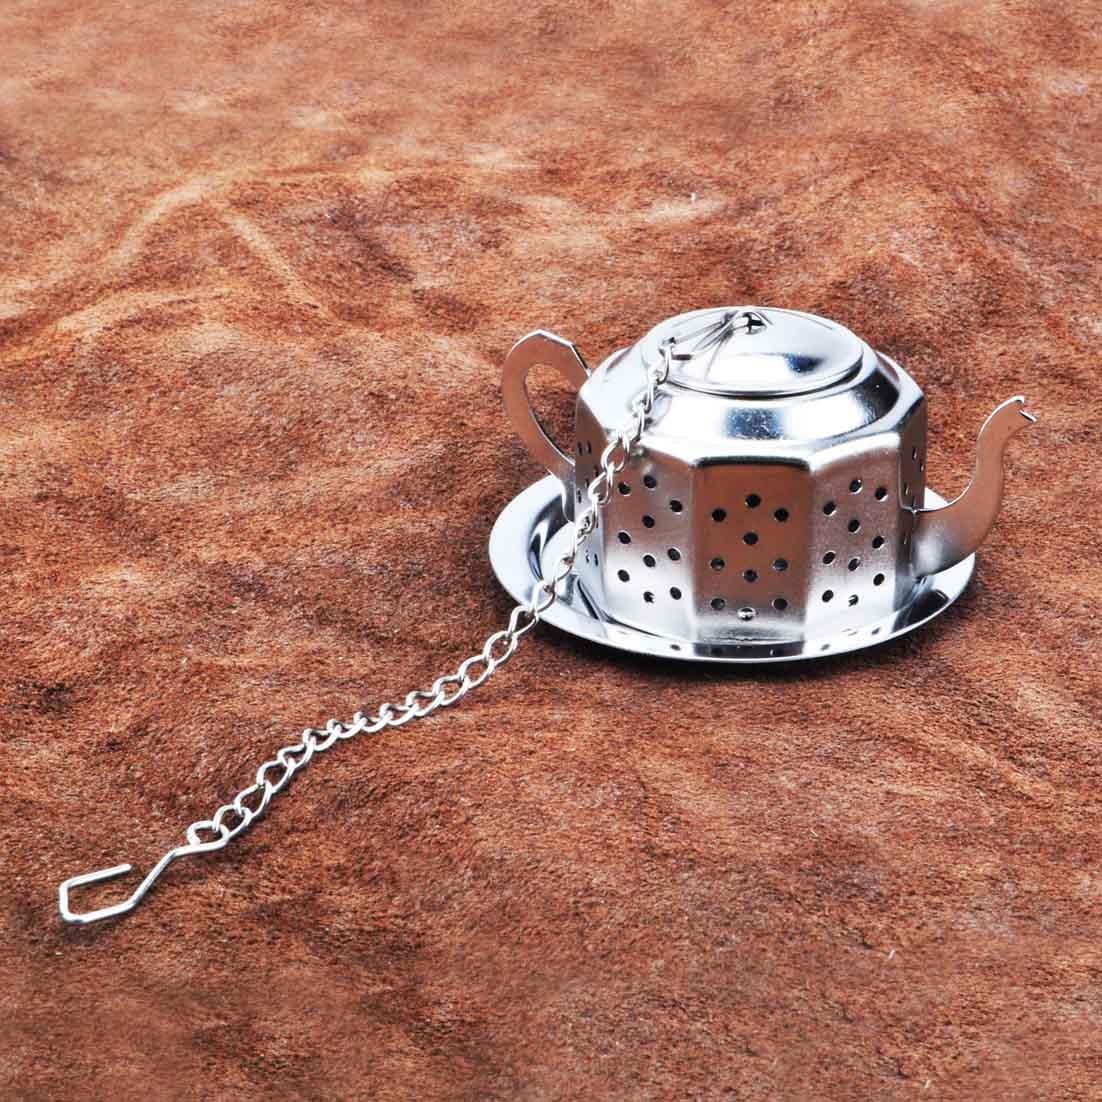 莱珍斯八角茶壶689